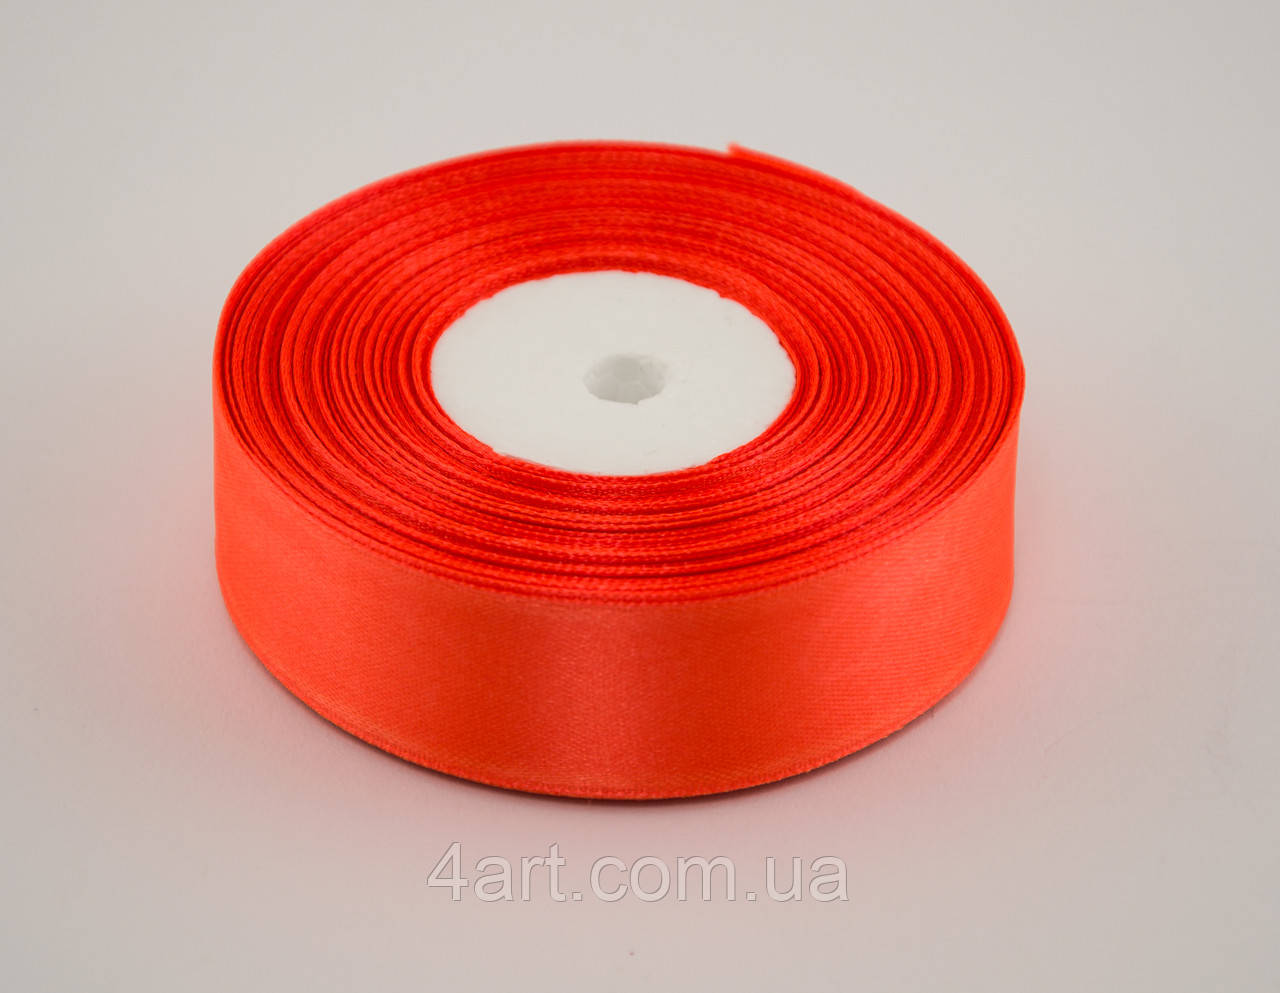 Лента атлас 0.6 см, 33 м, № 25 оранжевая